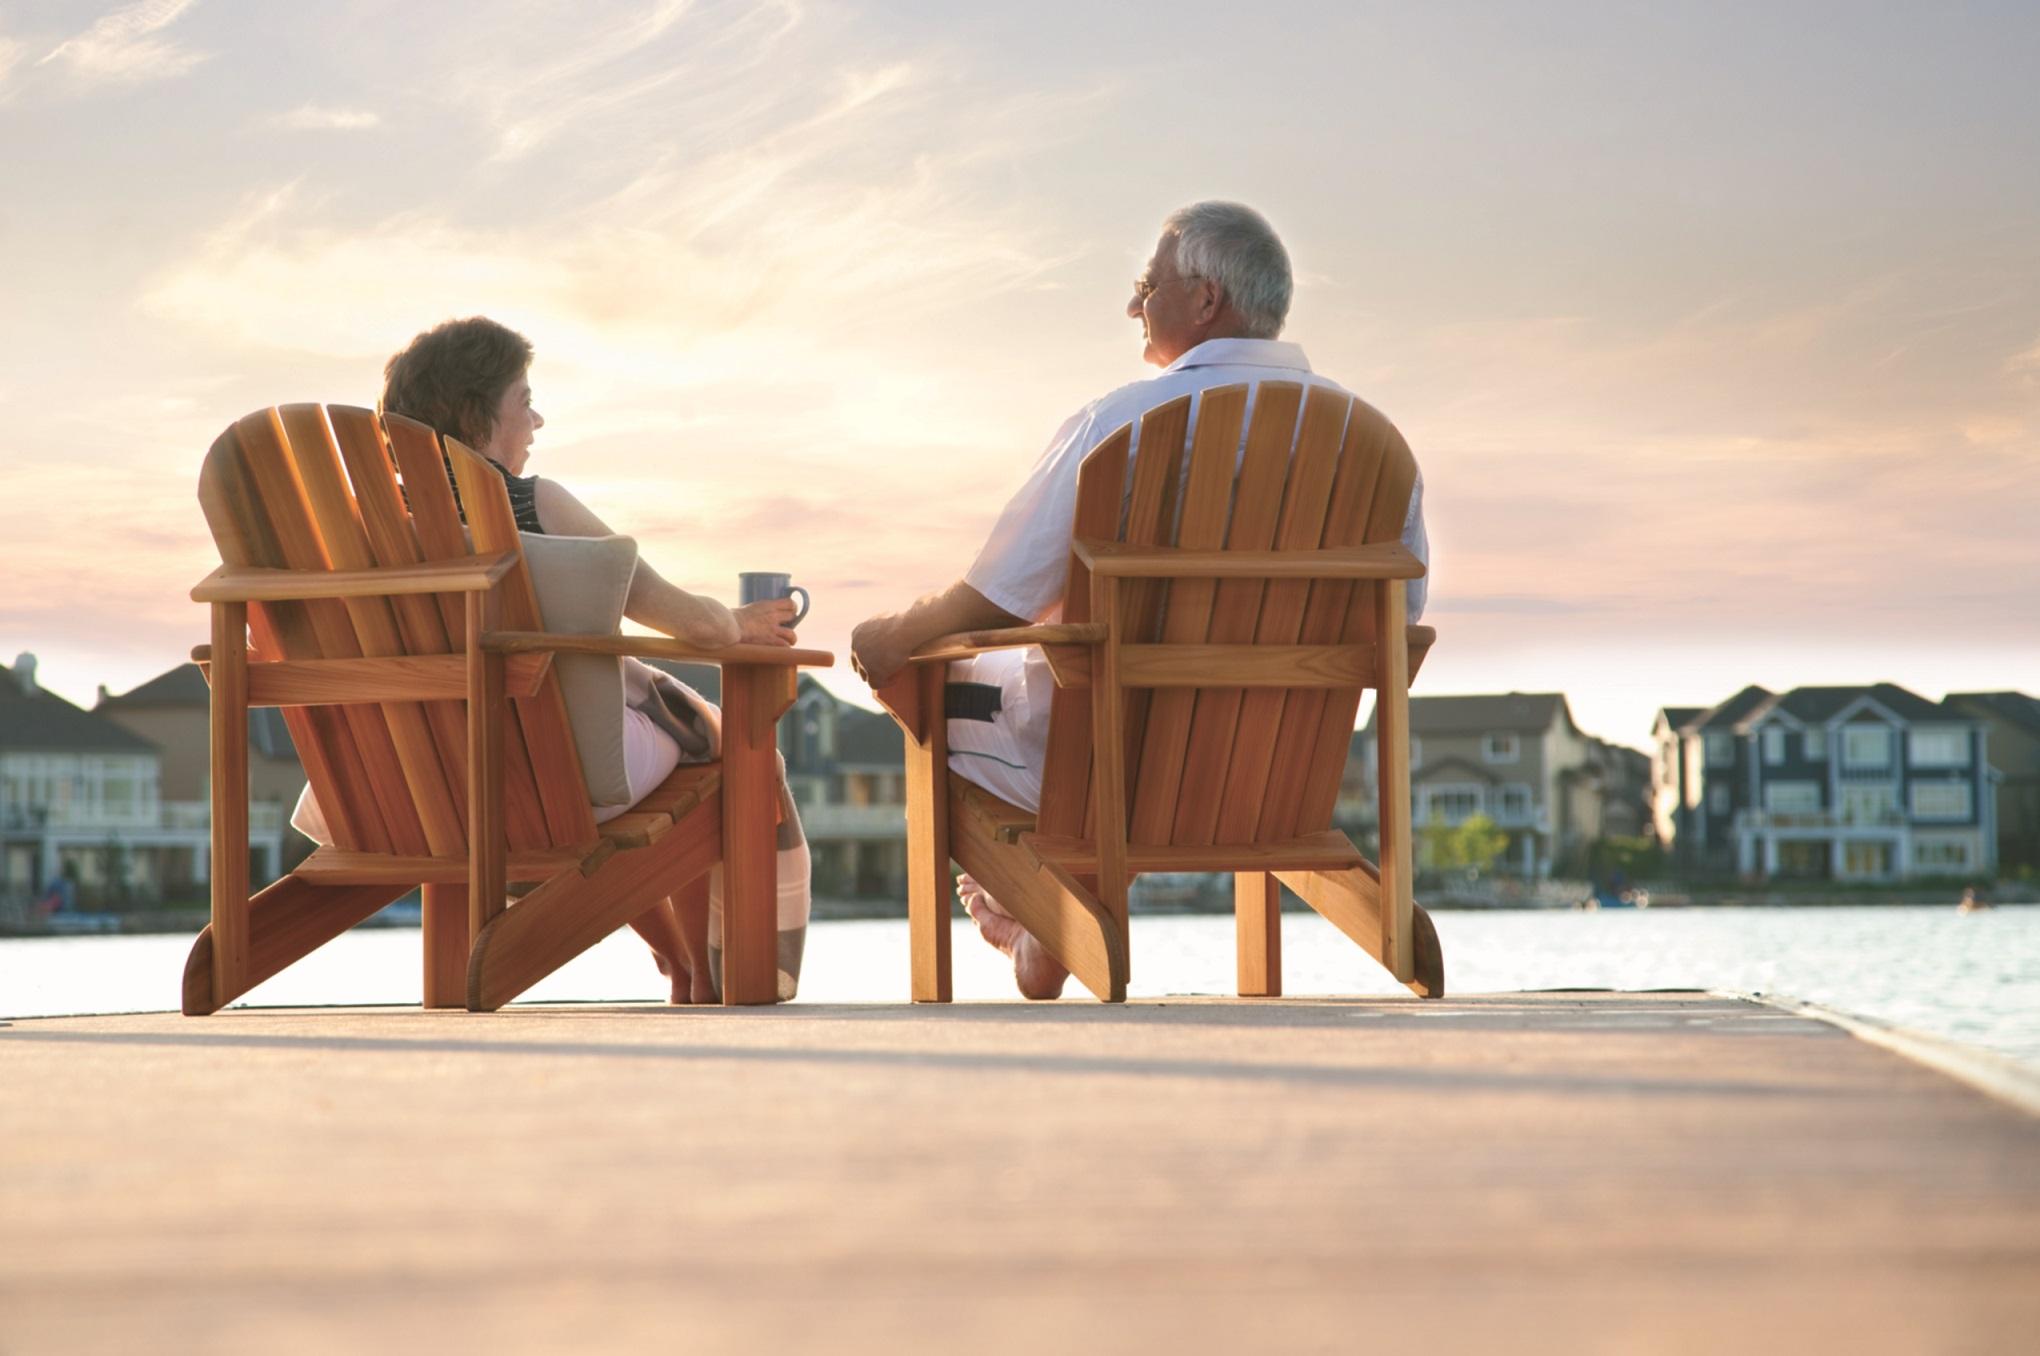 個人年金保険の終身年金とは!老後資金の確保として有効?!